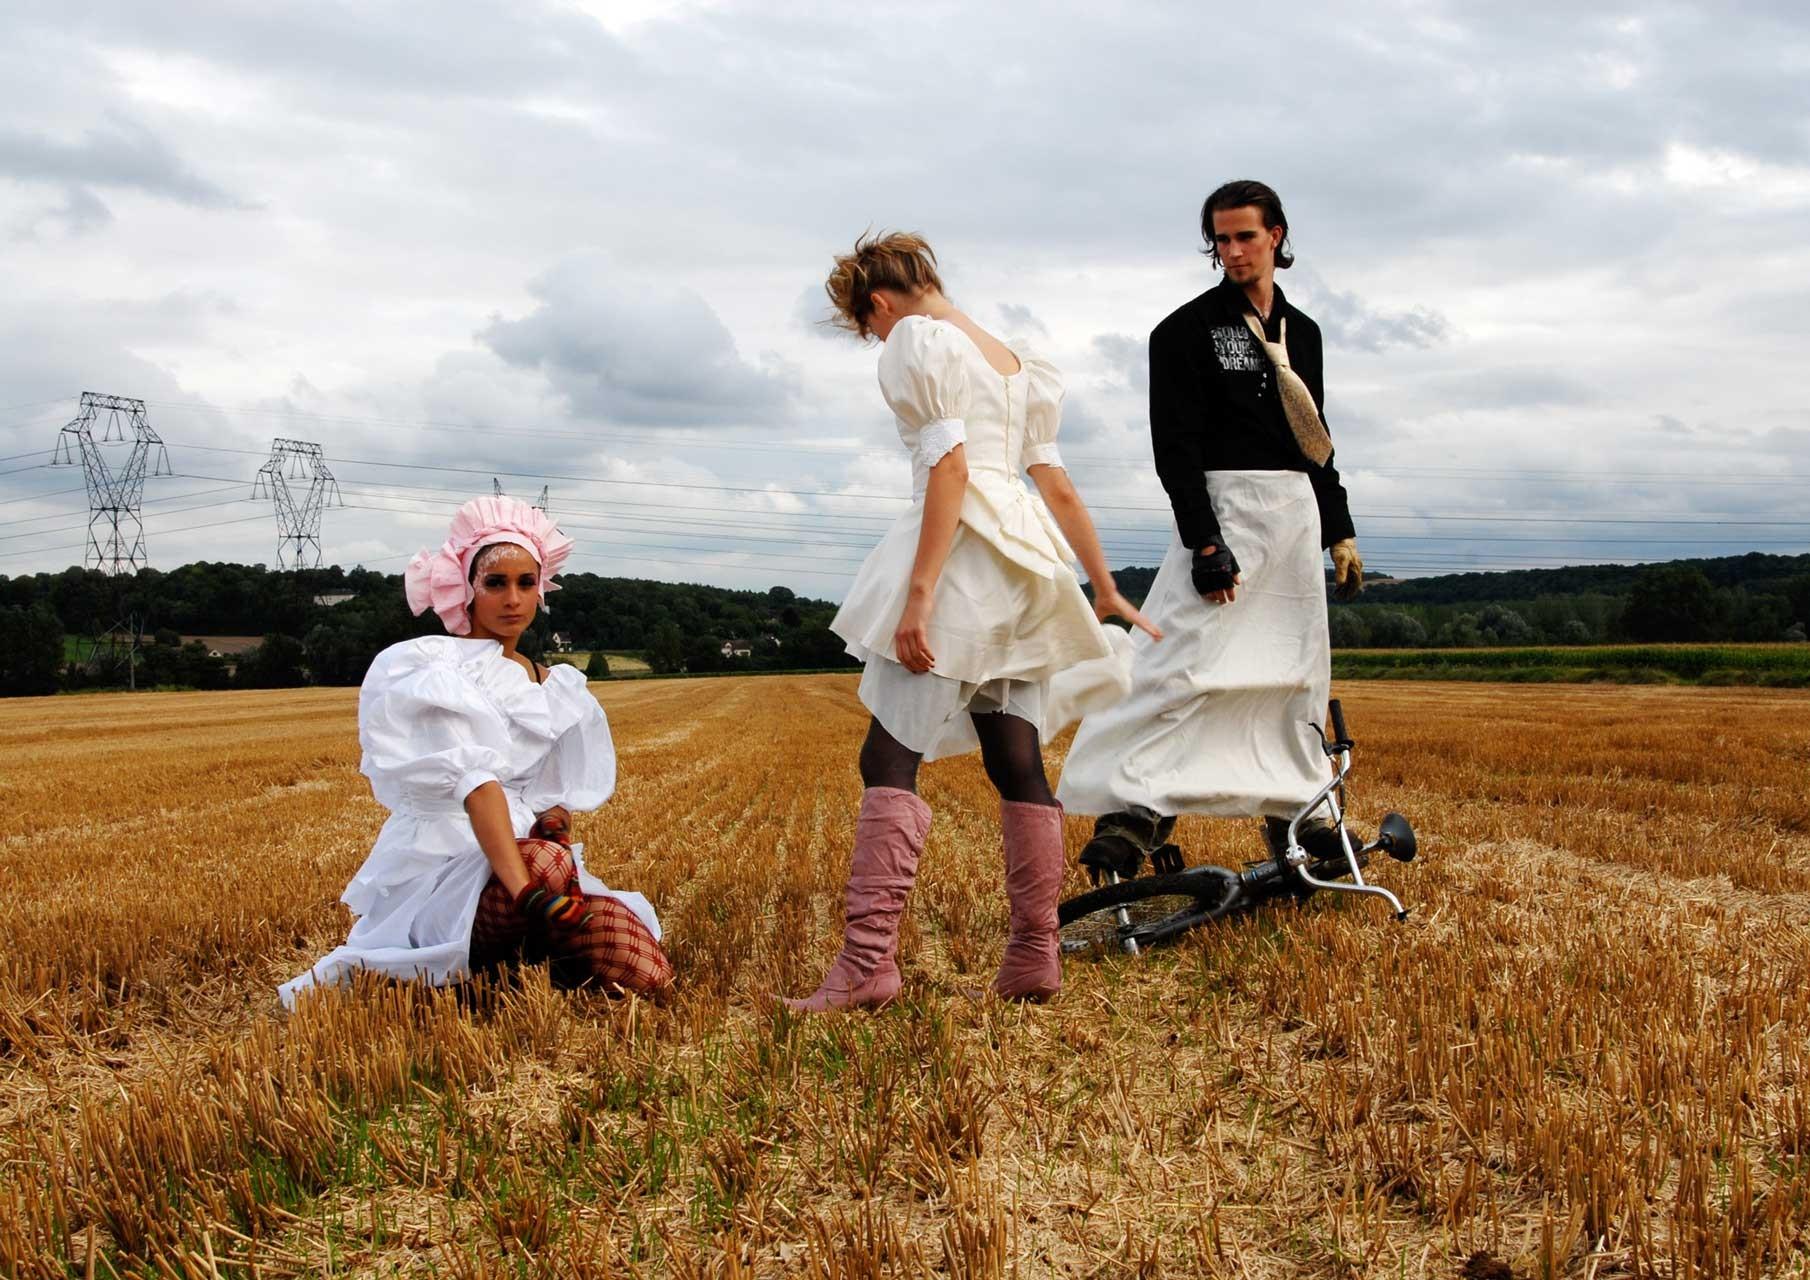 Ces vêtements et accessoires ont été récupérés dans les poubelles d'un fabricant de robes de mariées, avec l'accord de ce dernier.